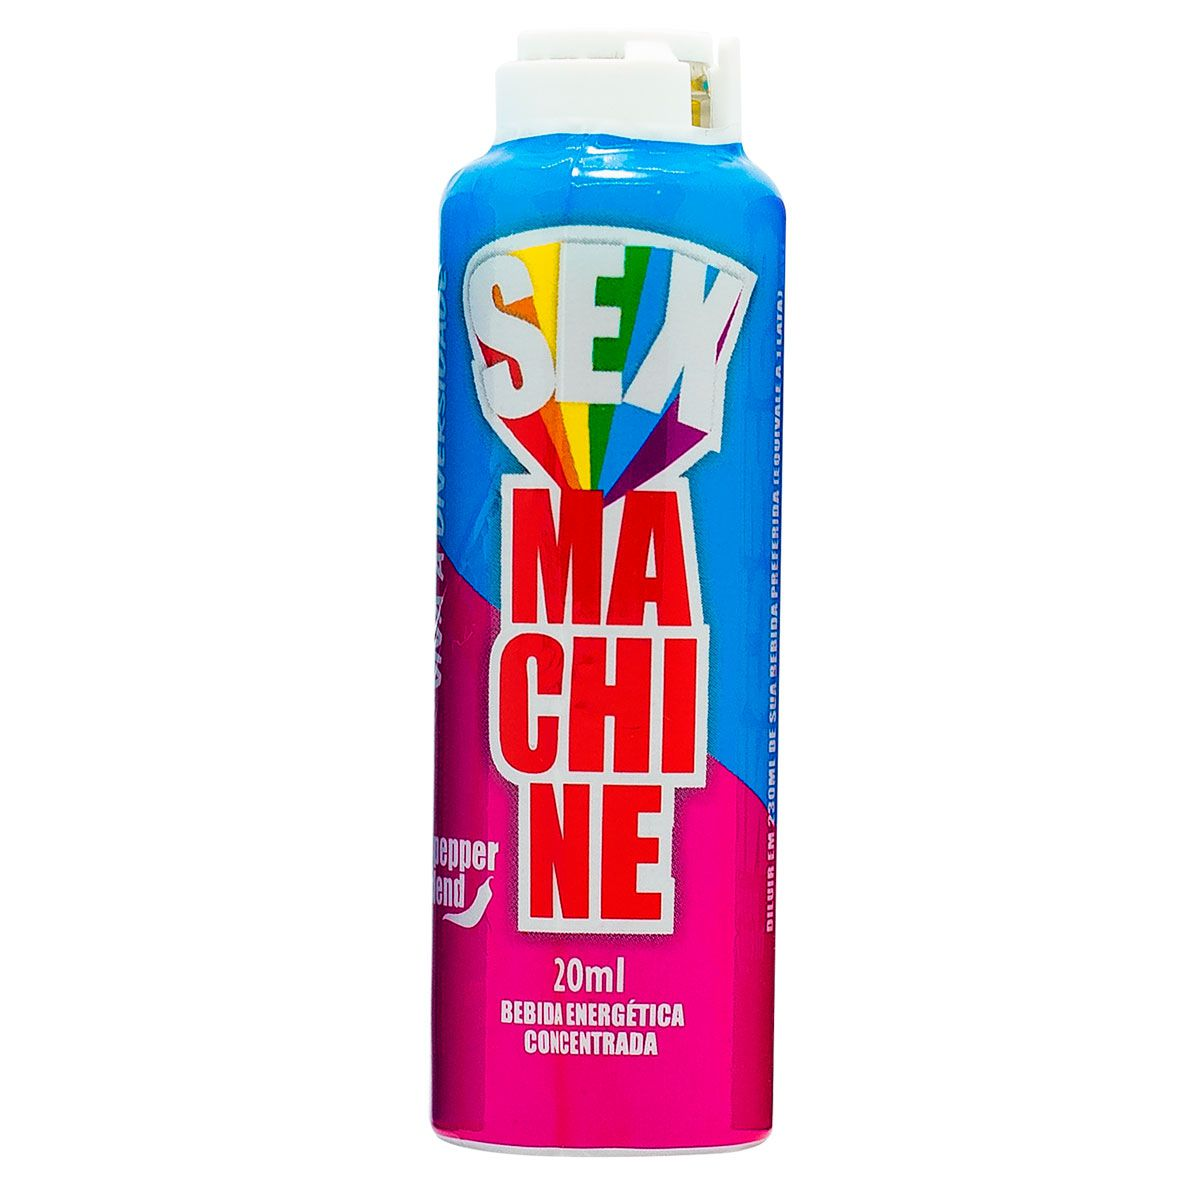 SEX MACHINE DIVERSIDADE - 20ml  - Sua Pepper Blend | Doces Especiais